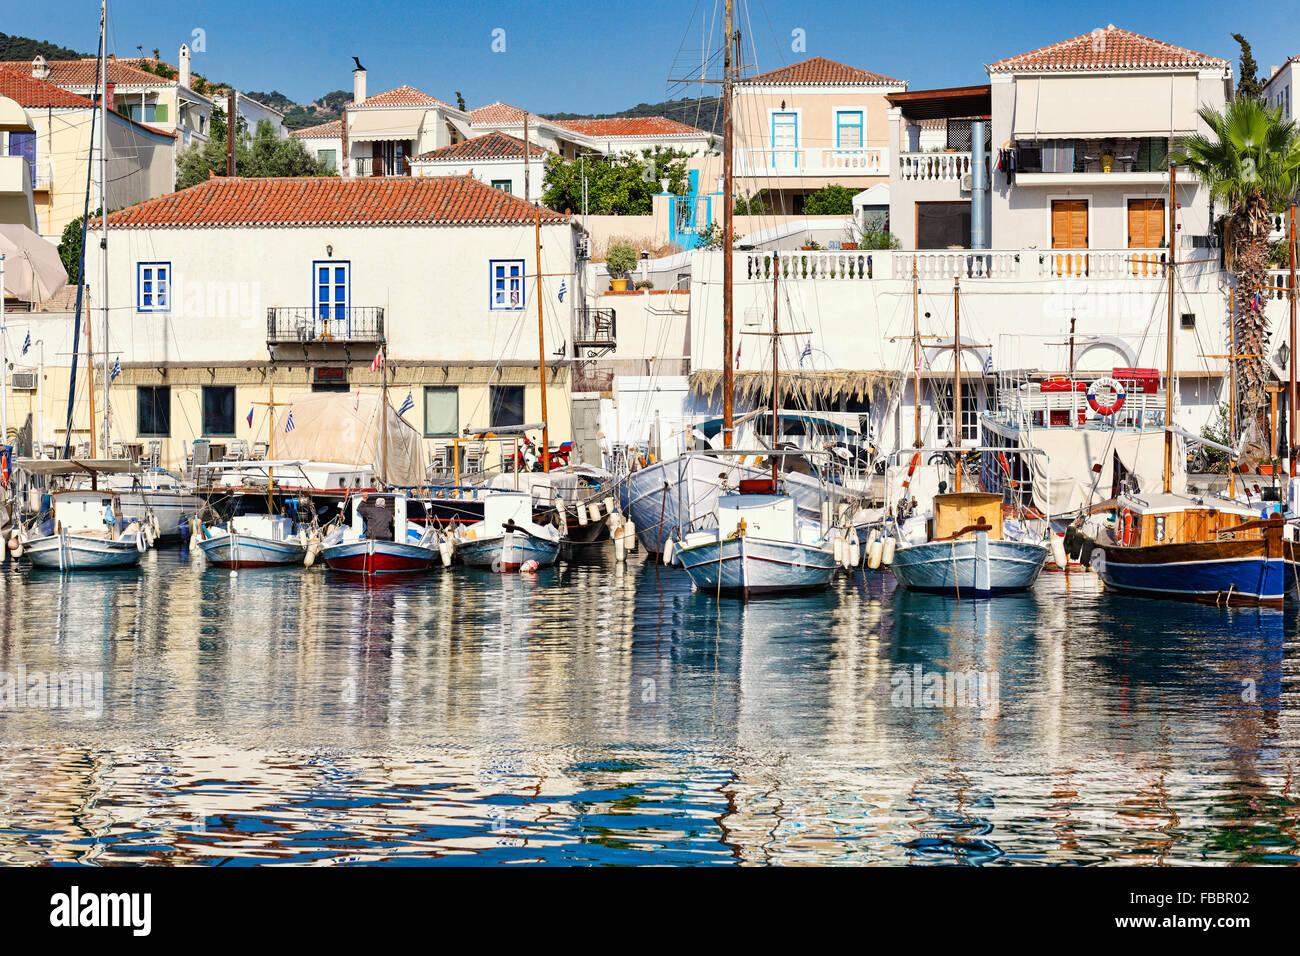 Boote in den alten Hafen von Spetses-Insel, Griechenland Stockbild